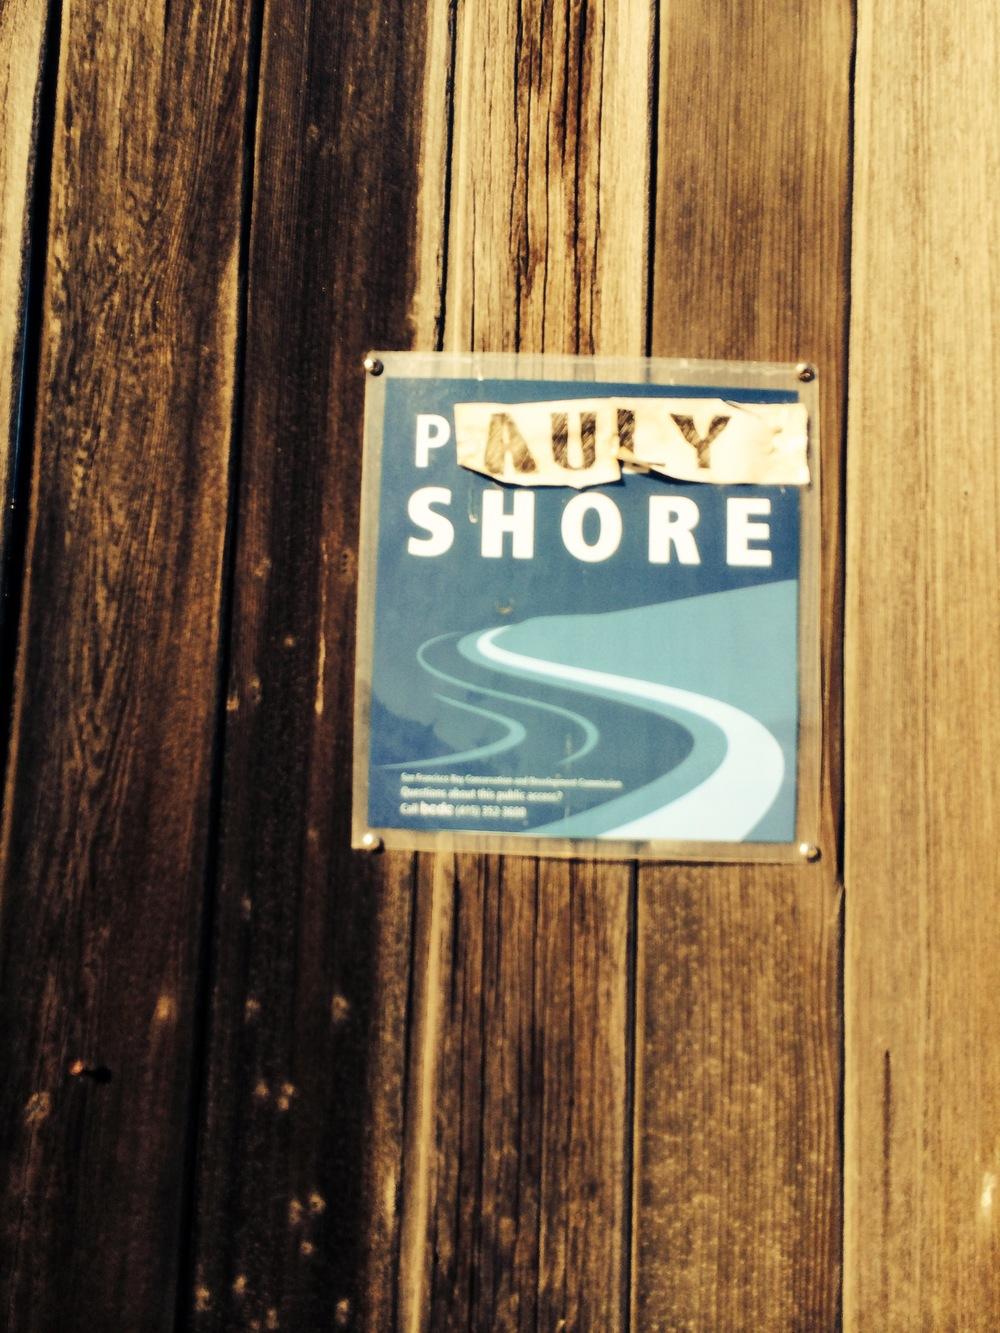 Pier66SFPublicShore5.JPG